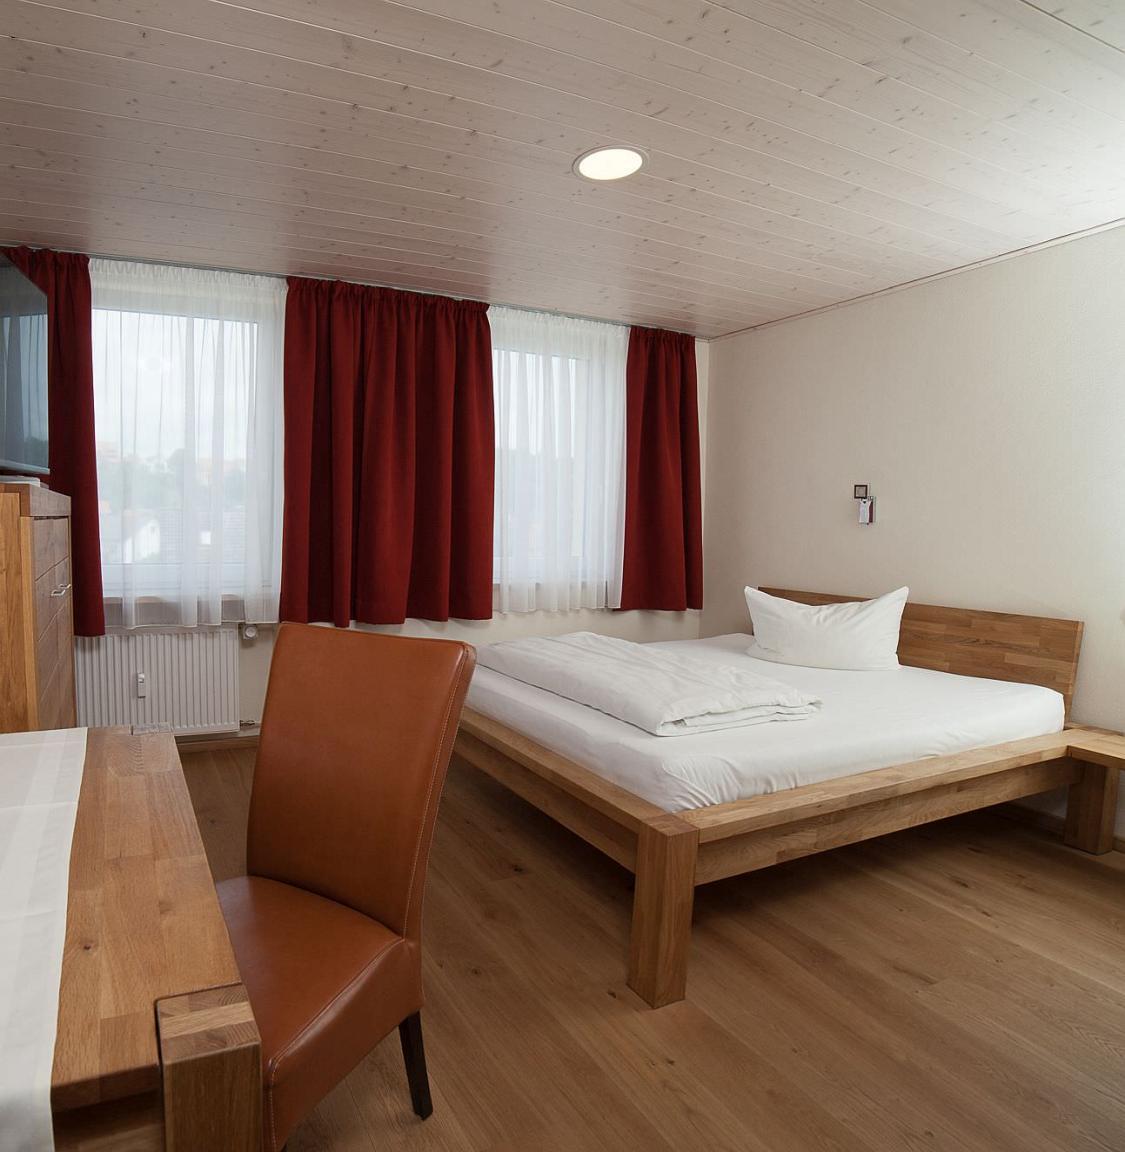 Pension garni Goldener Stern, Monteurzimmer in Dingolfing bei Landshut